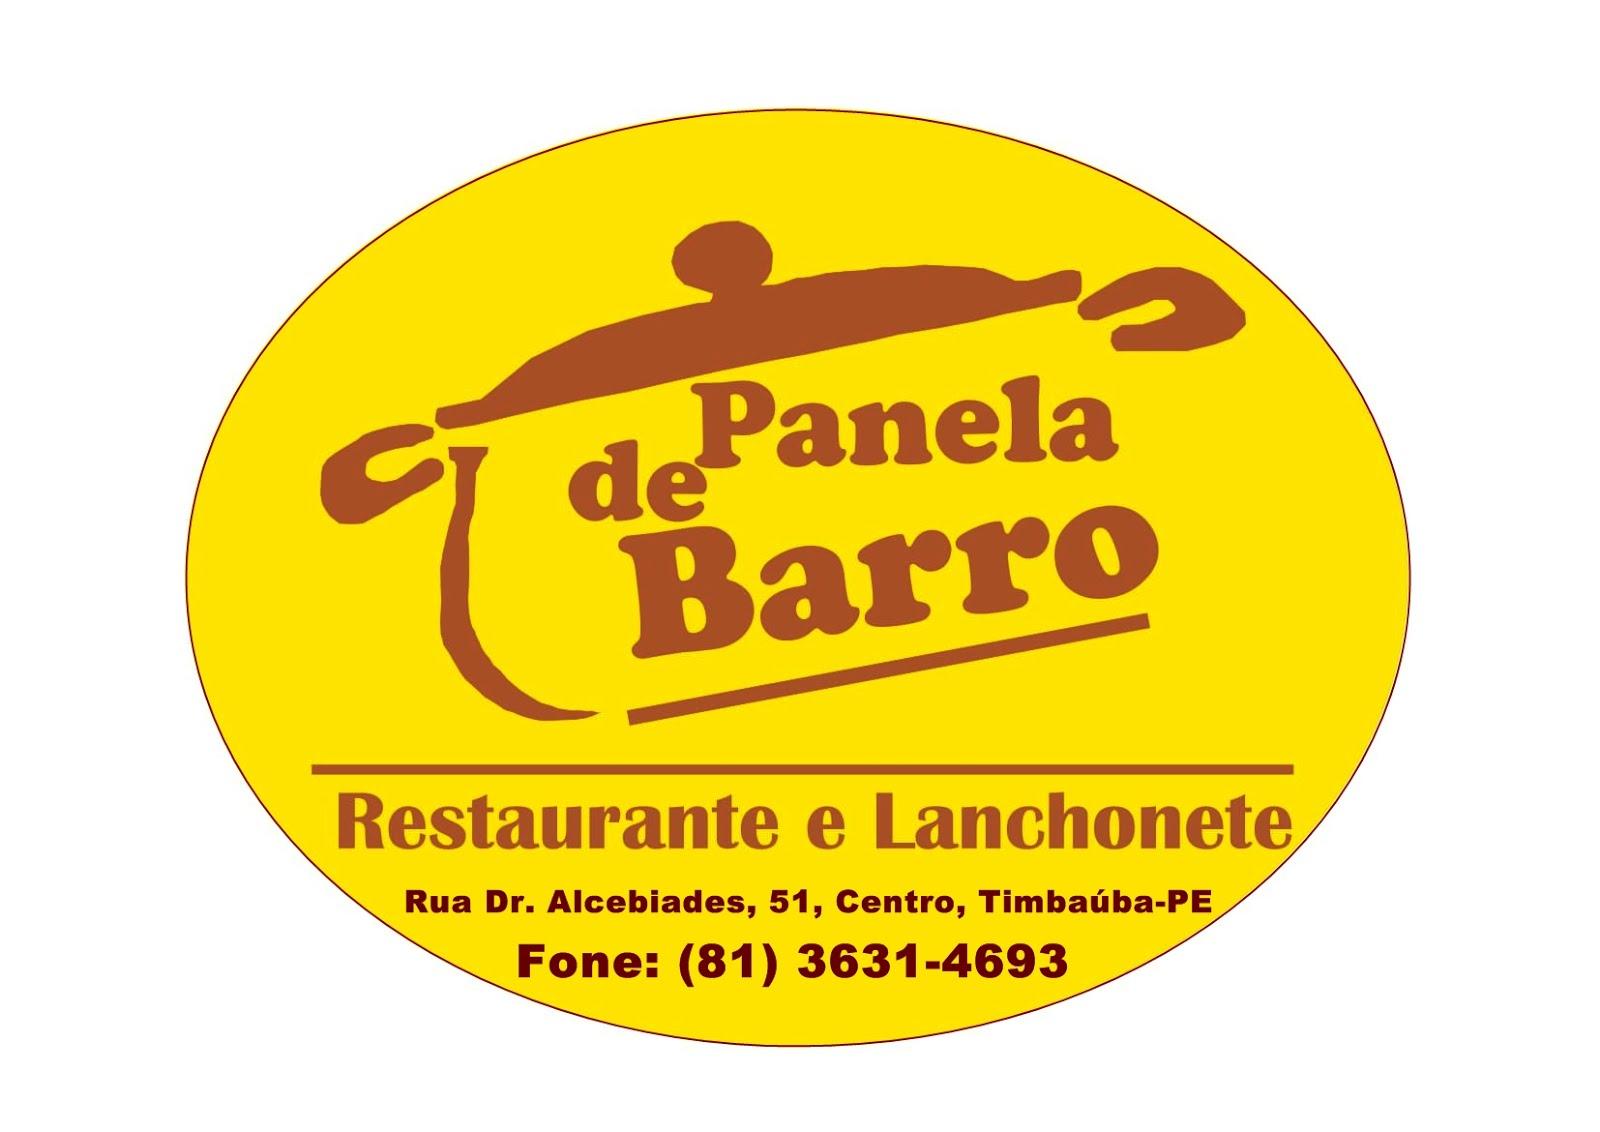 Restaurante e Lanchonete Panela de Barro